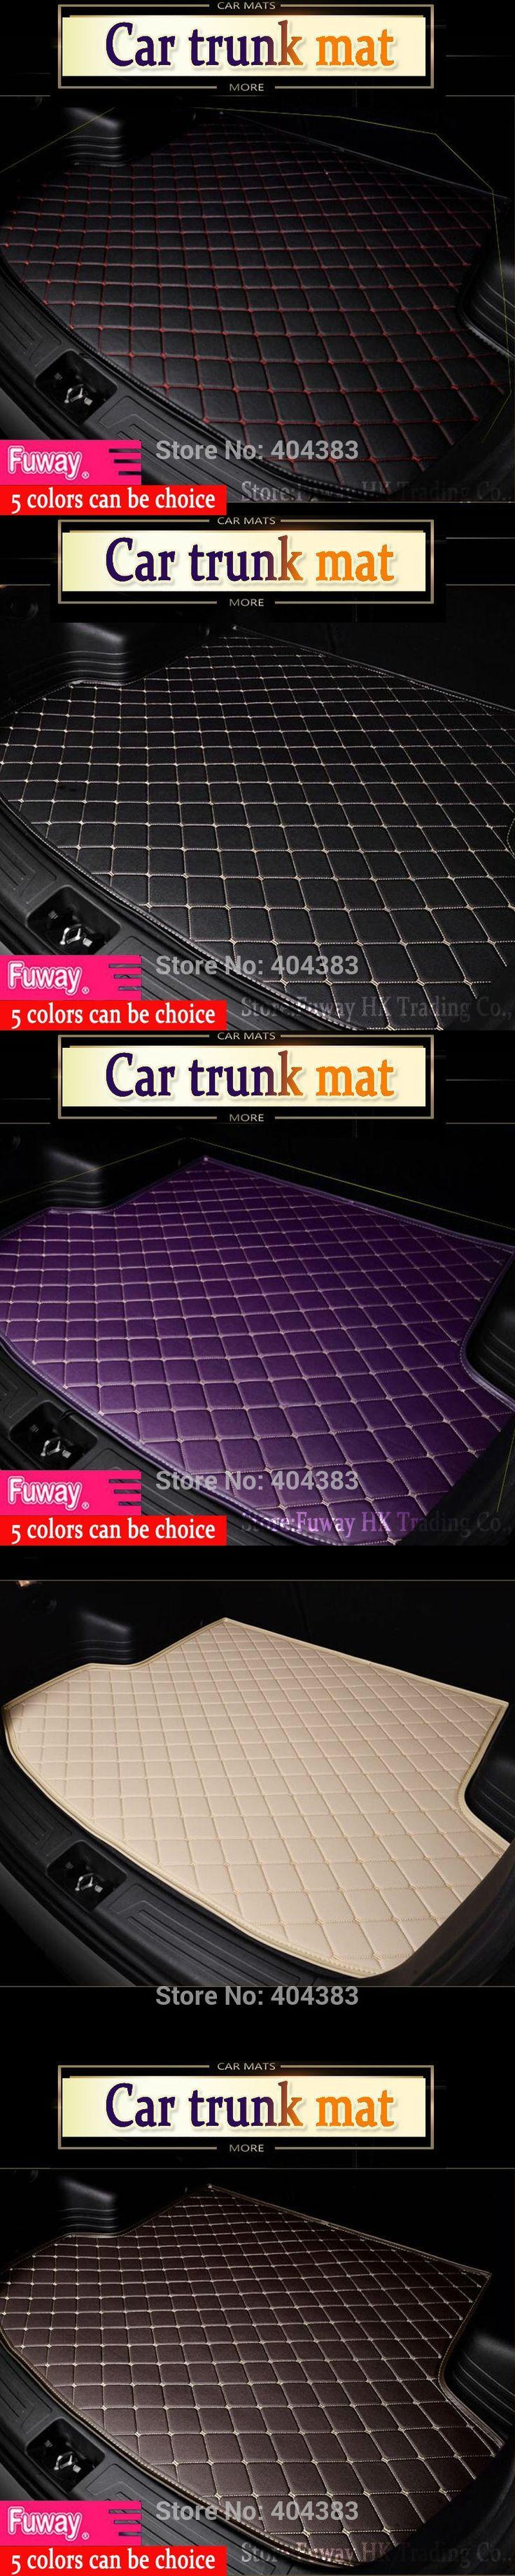 hot sale car trunk mat for Mercedes Benz B180 C200 E260 CL CLA G GLK300 ML S350/400 class car styling tray carpet cargo liner